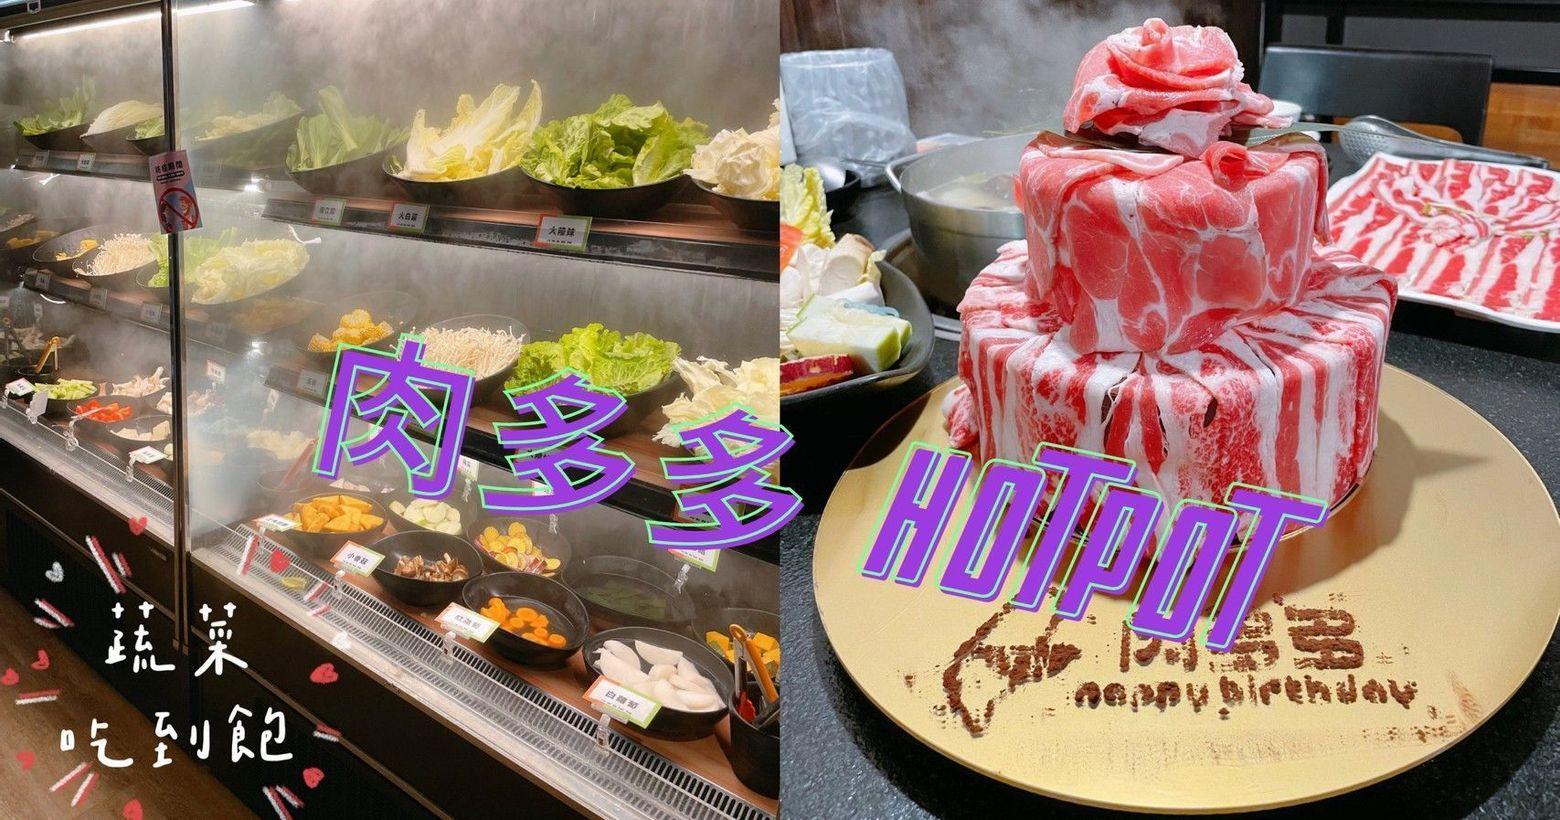 【台北小巨蛋】268元吃到飽,浮誇肉蛋糕、重量級肉盤、20種蔬菜+自助吧、分量再升級大口吃肉&nbs